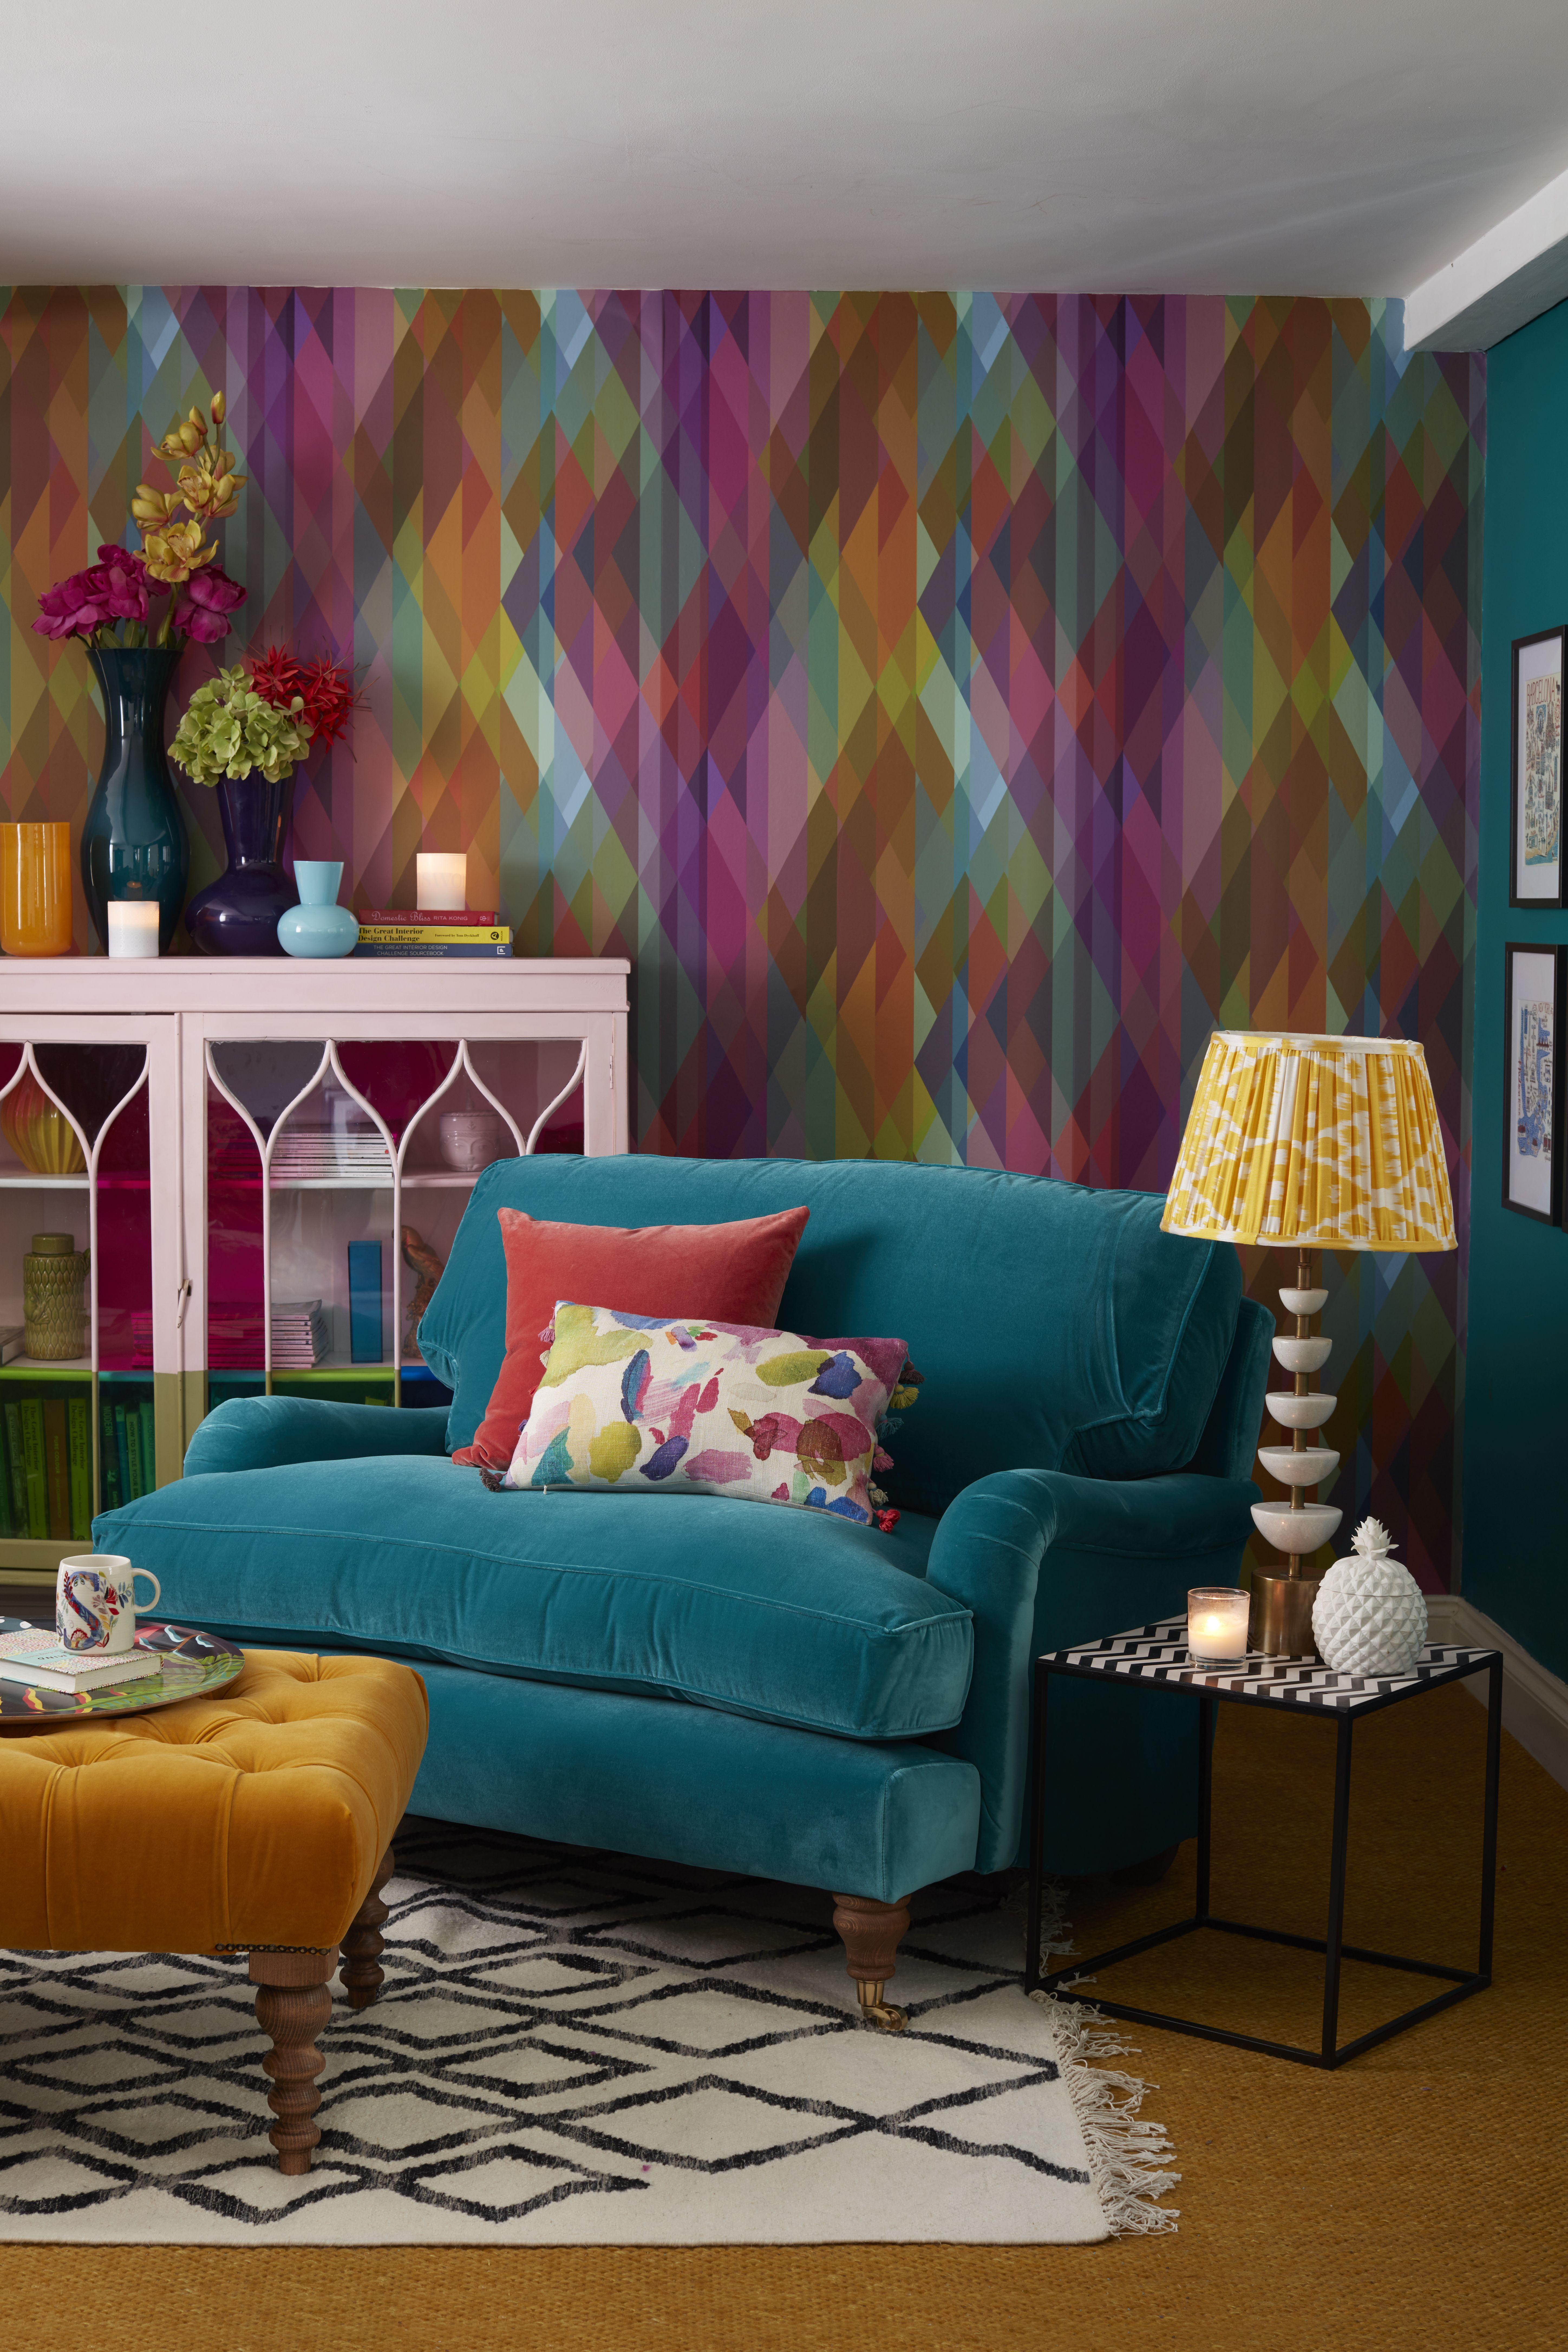 Bluebell Loveseat In Amazon Cotton Matt Velvet Teal Sofa Living Room Wallpaper Living Room Teal Living Rooms #teal #sofa #living #room #ideas